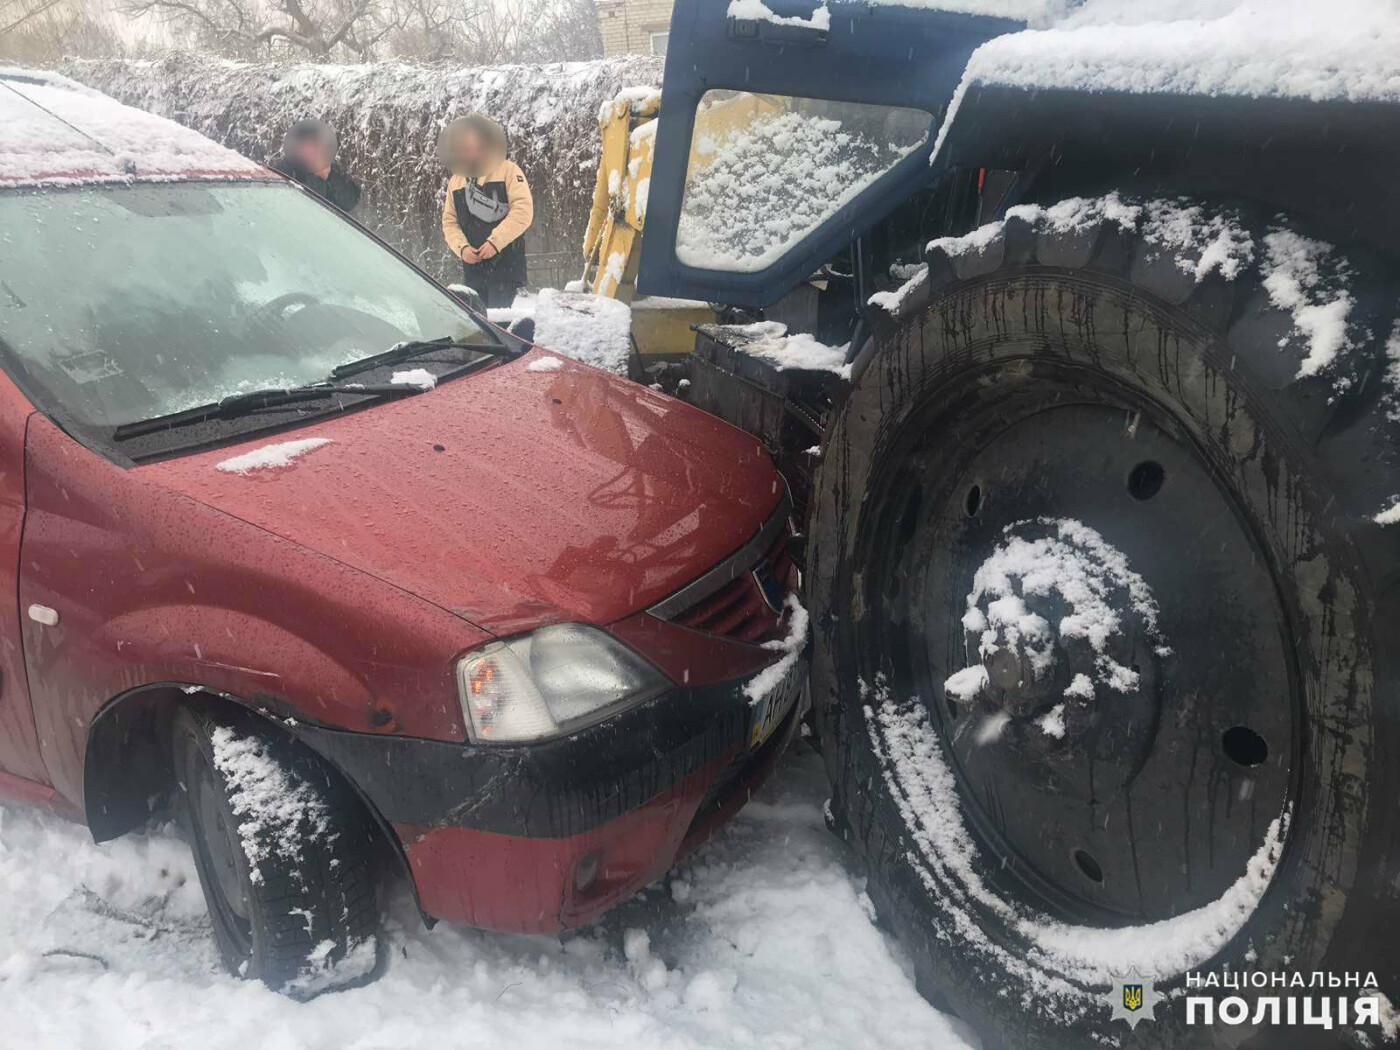 Итог первого снежного дня в Дружковке - три ДТП, фото-5